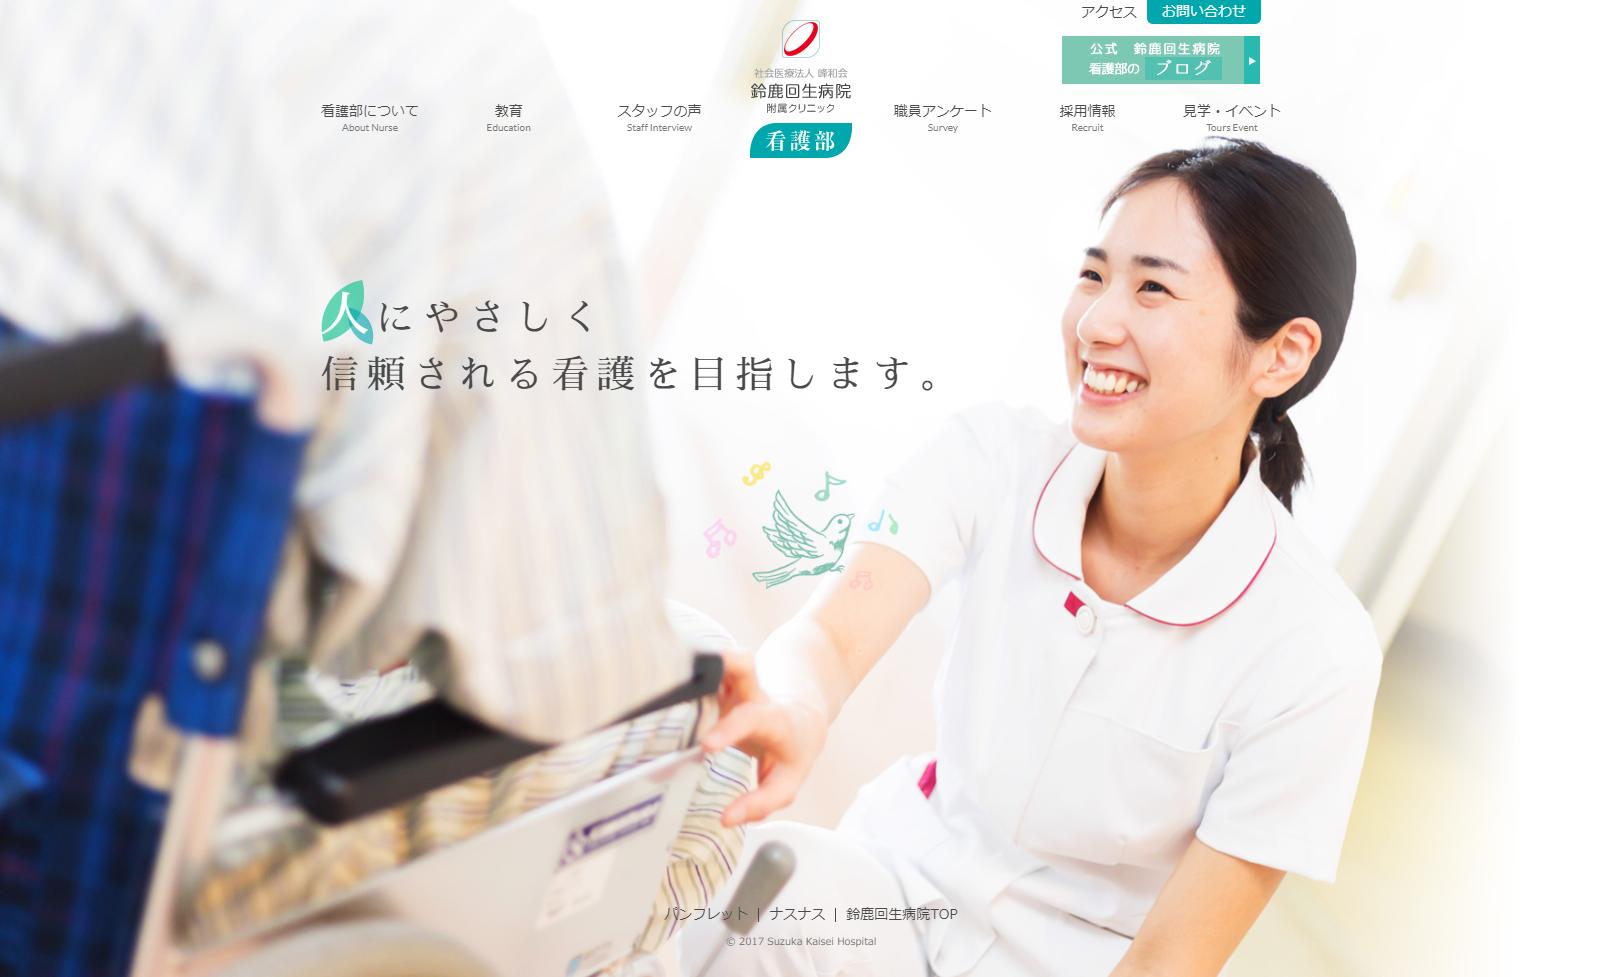 2017年8月作成「鈴鹿回生病院」看護部サイト